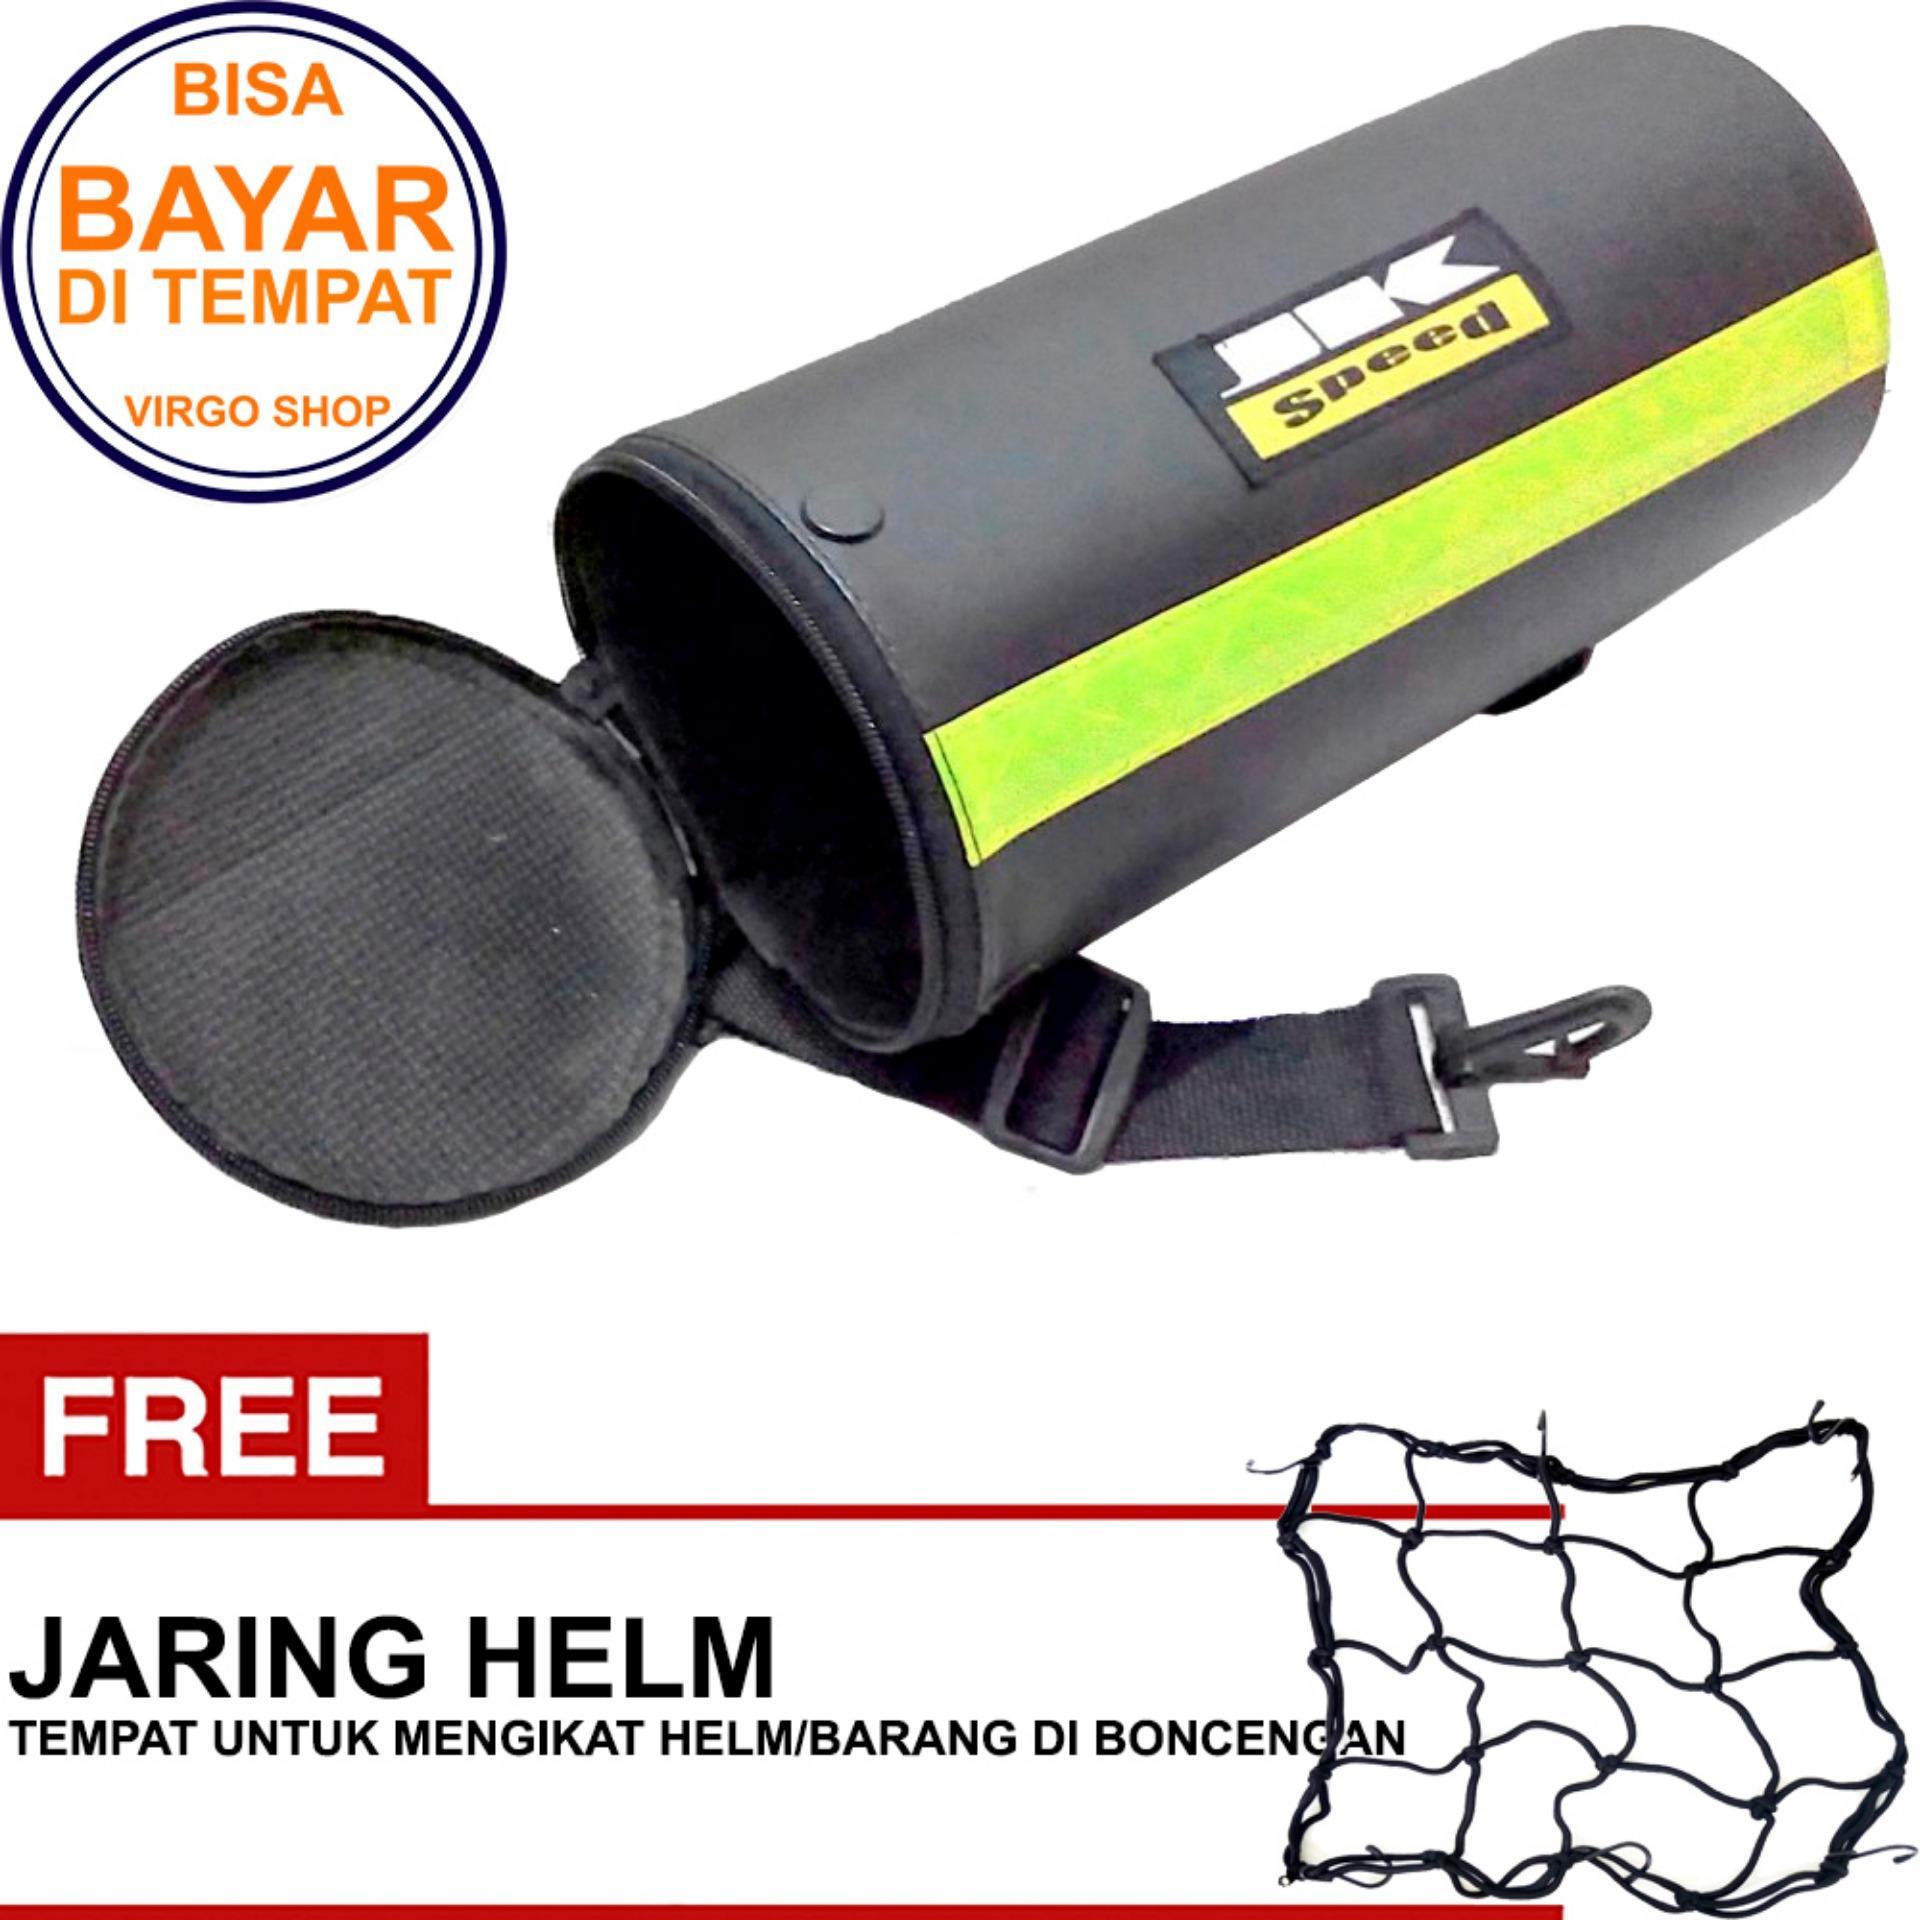 JK Speed - Tabung Bagasi Tas Jas Hujan Motor Touring Tour Biker - Size Medium Bonus Jaring Helm HITAM